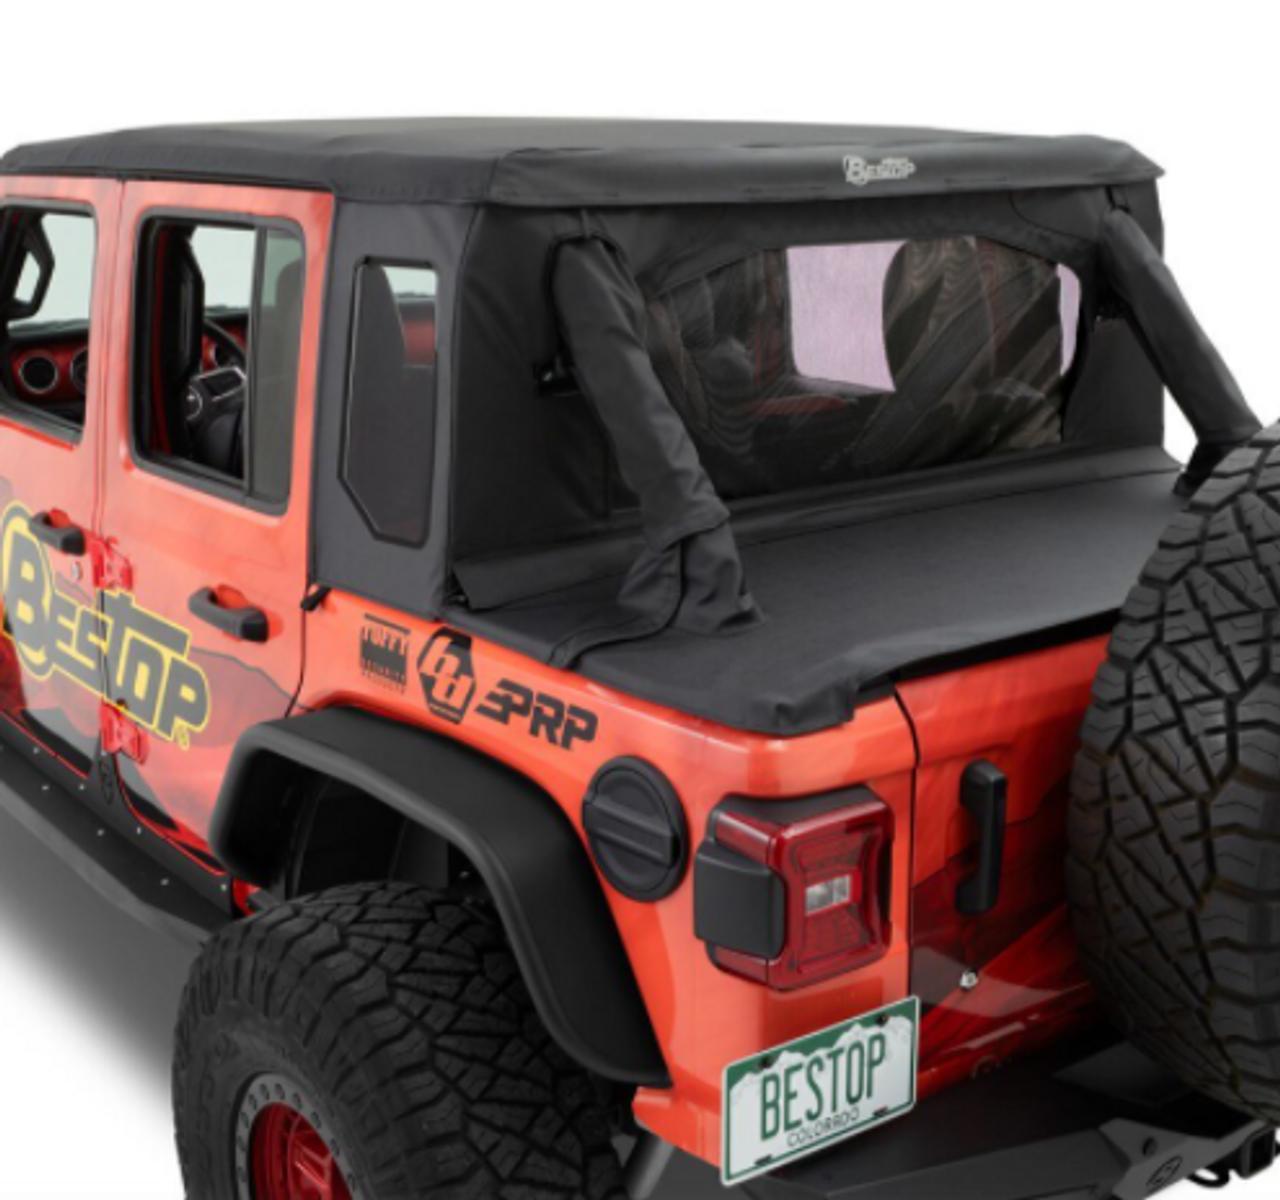 Bestop 80100-35 TrekTop Halftop Accessory Kit for Jeep Wrangler JL 4 Door 2018+